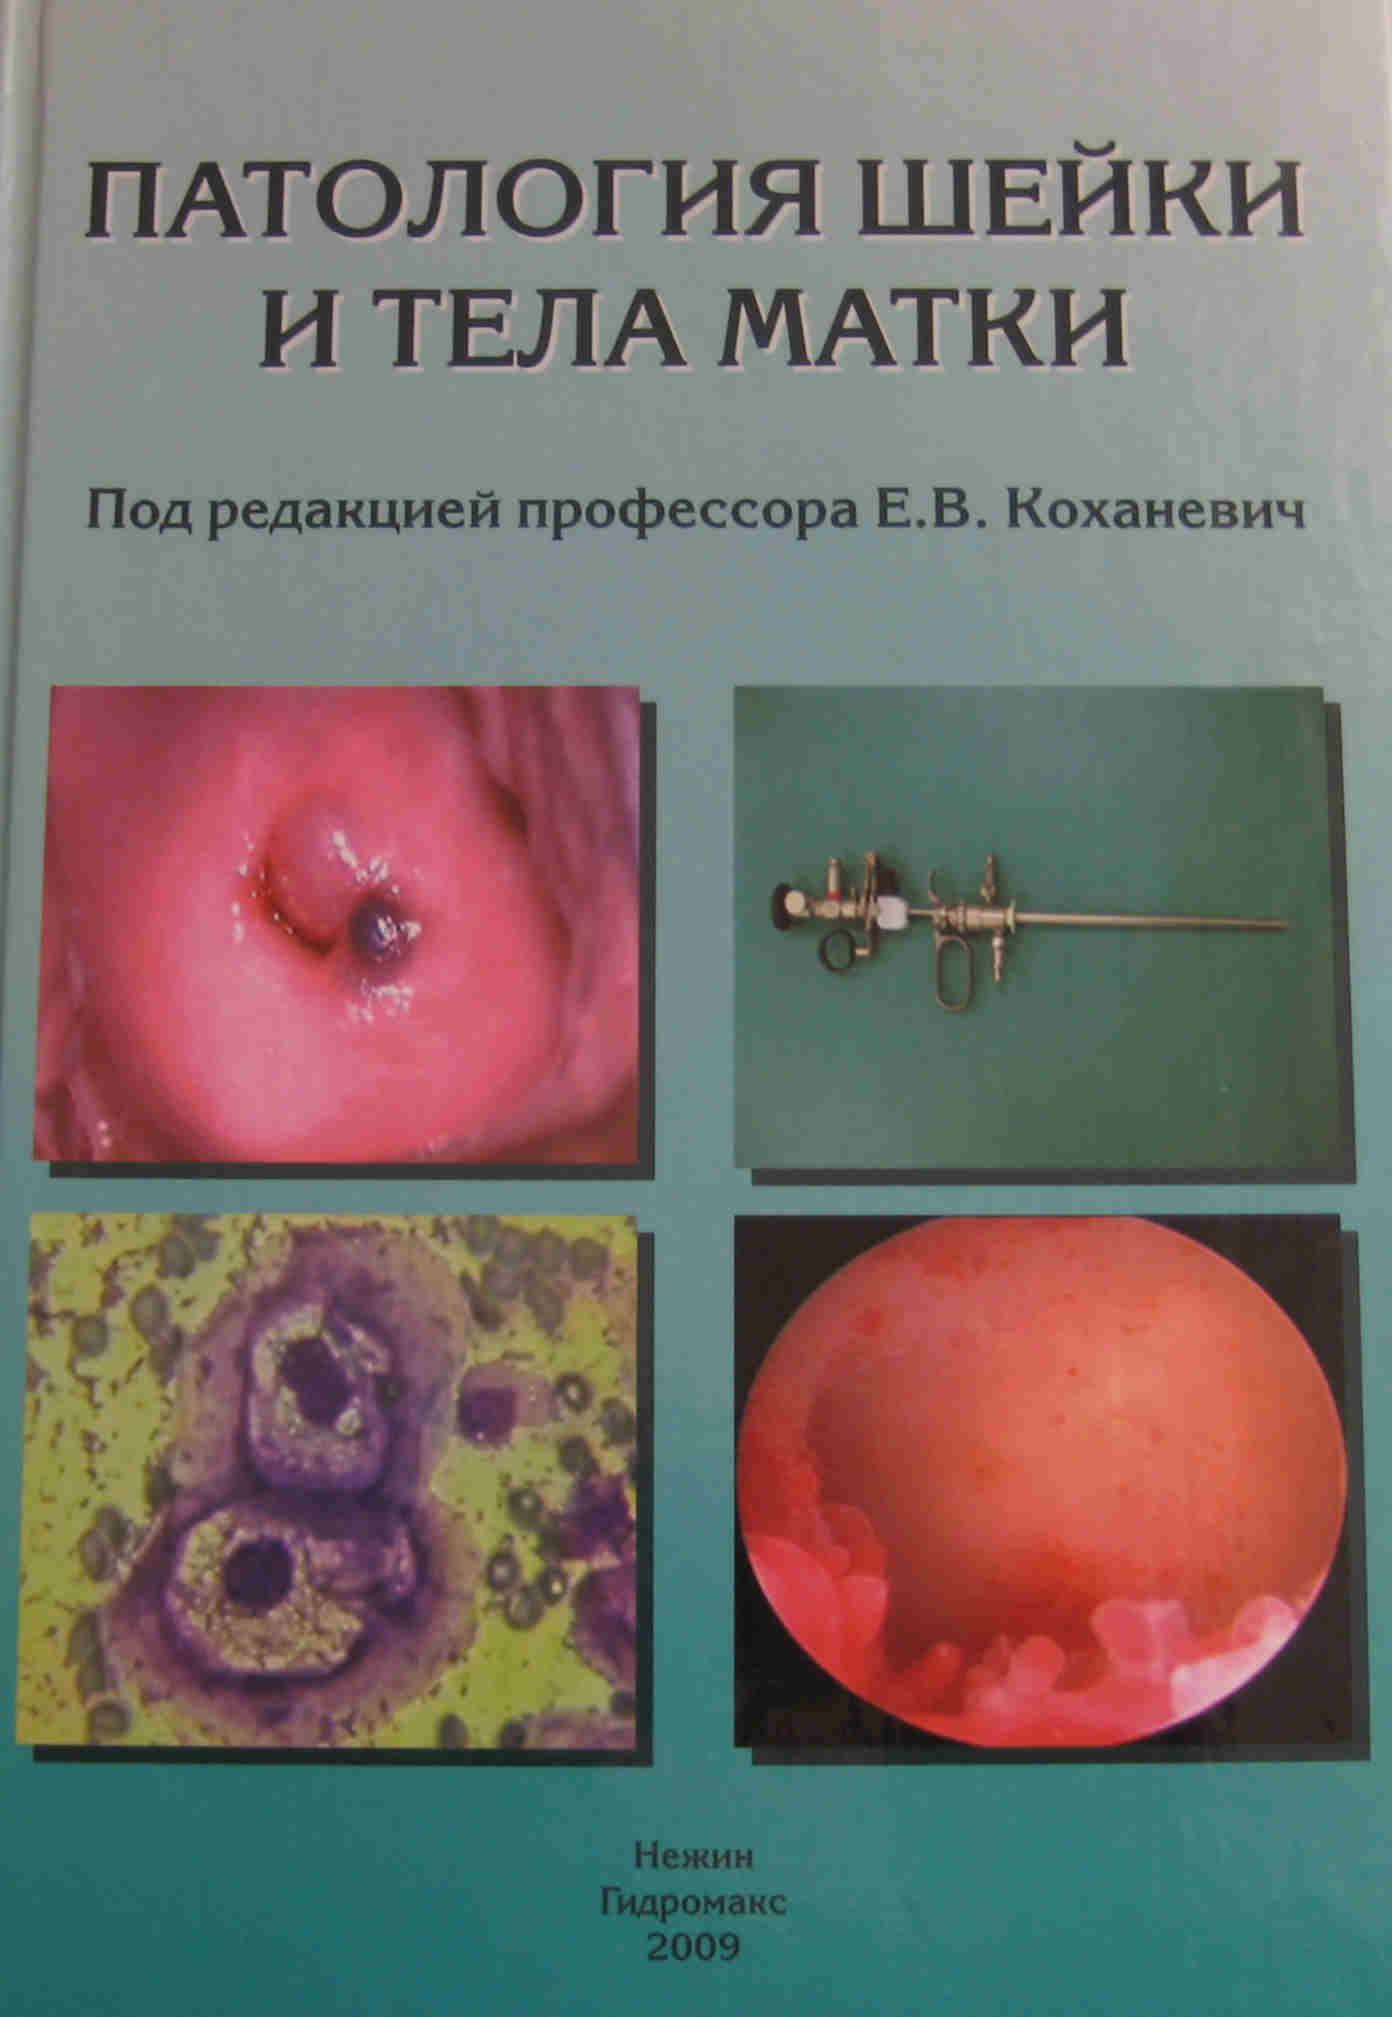 Фото пособие для гинеколога 9 фотография